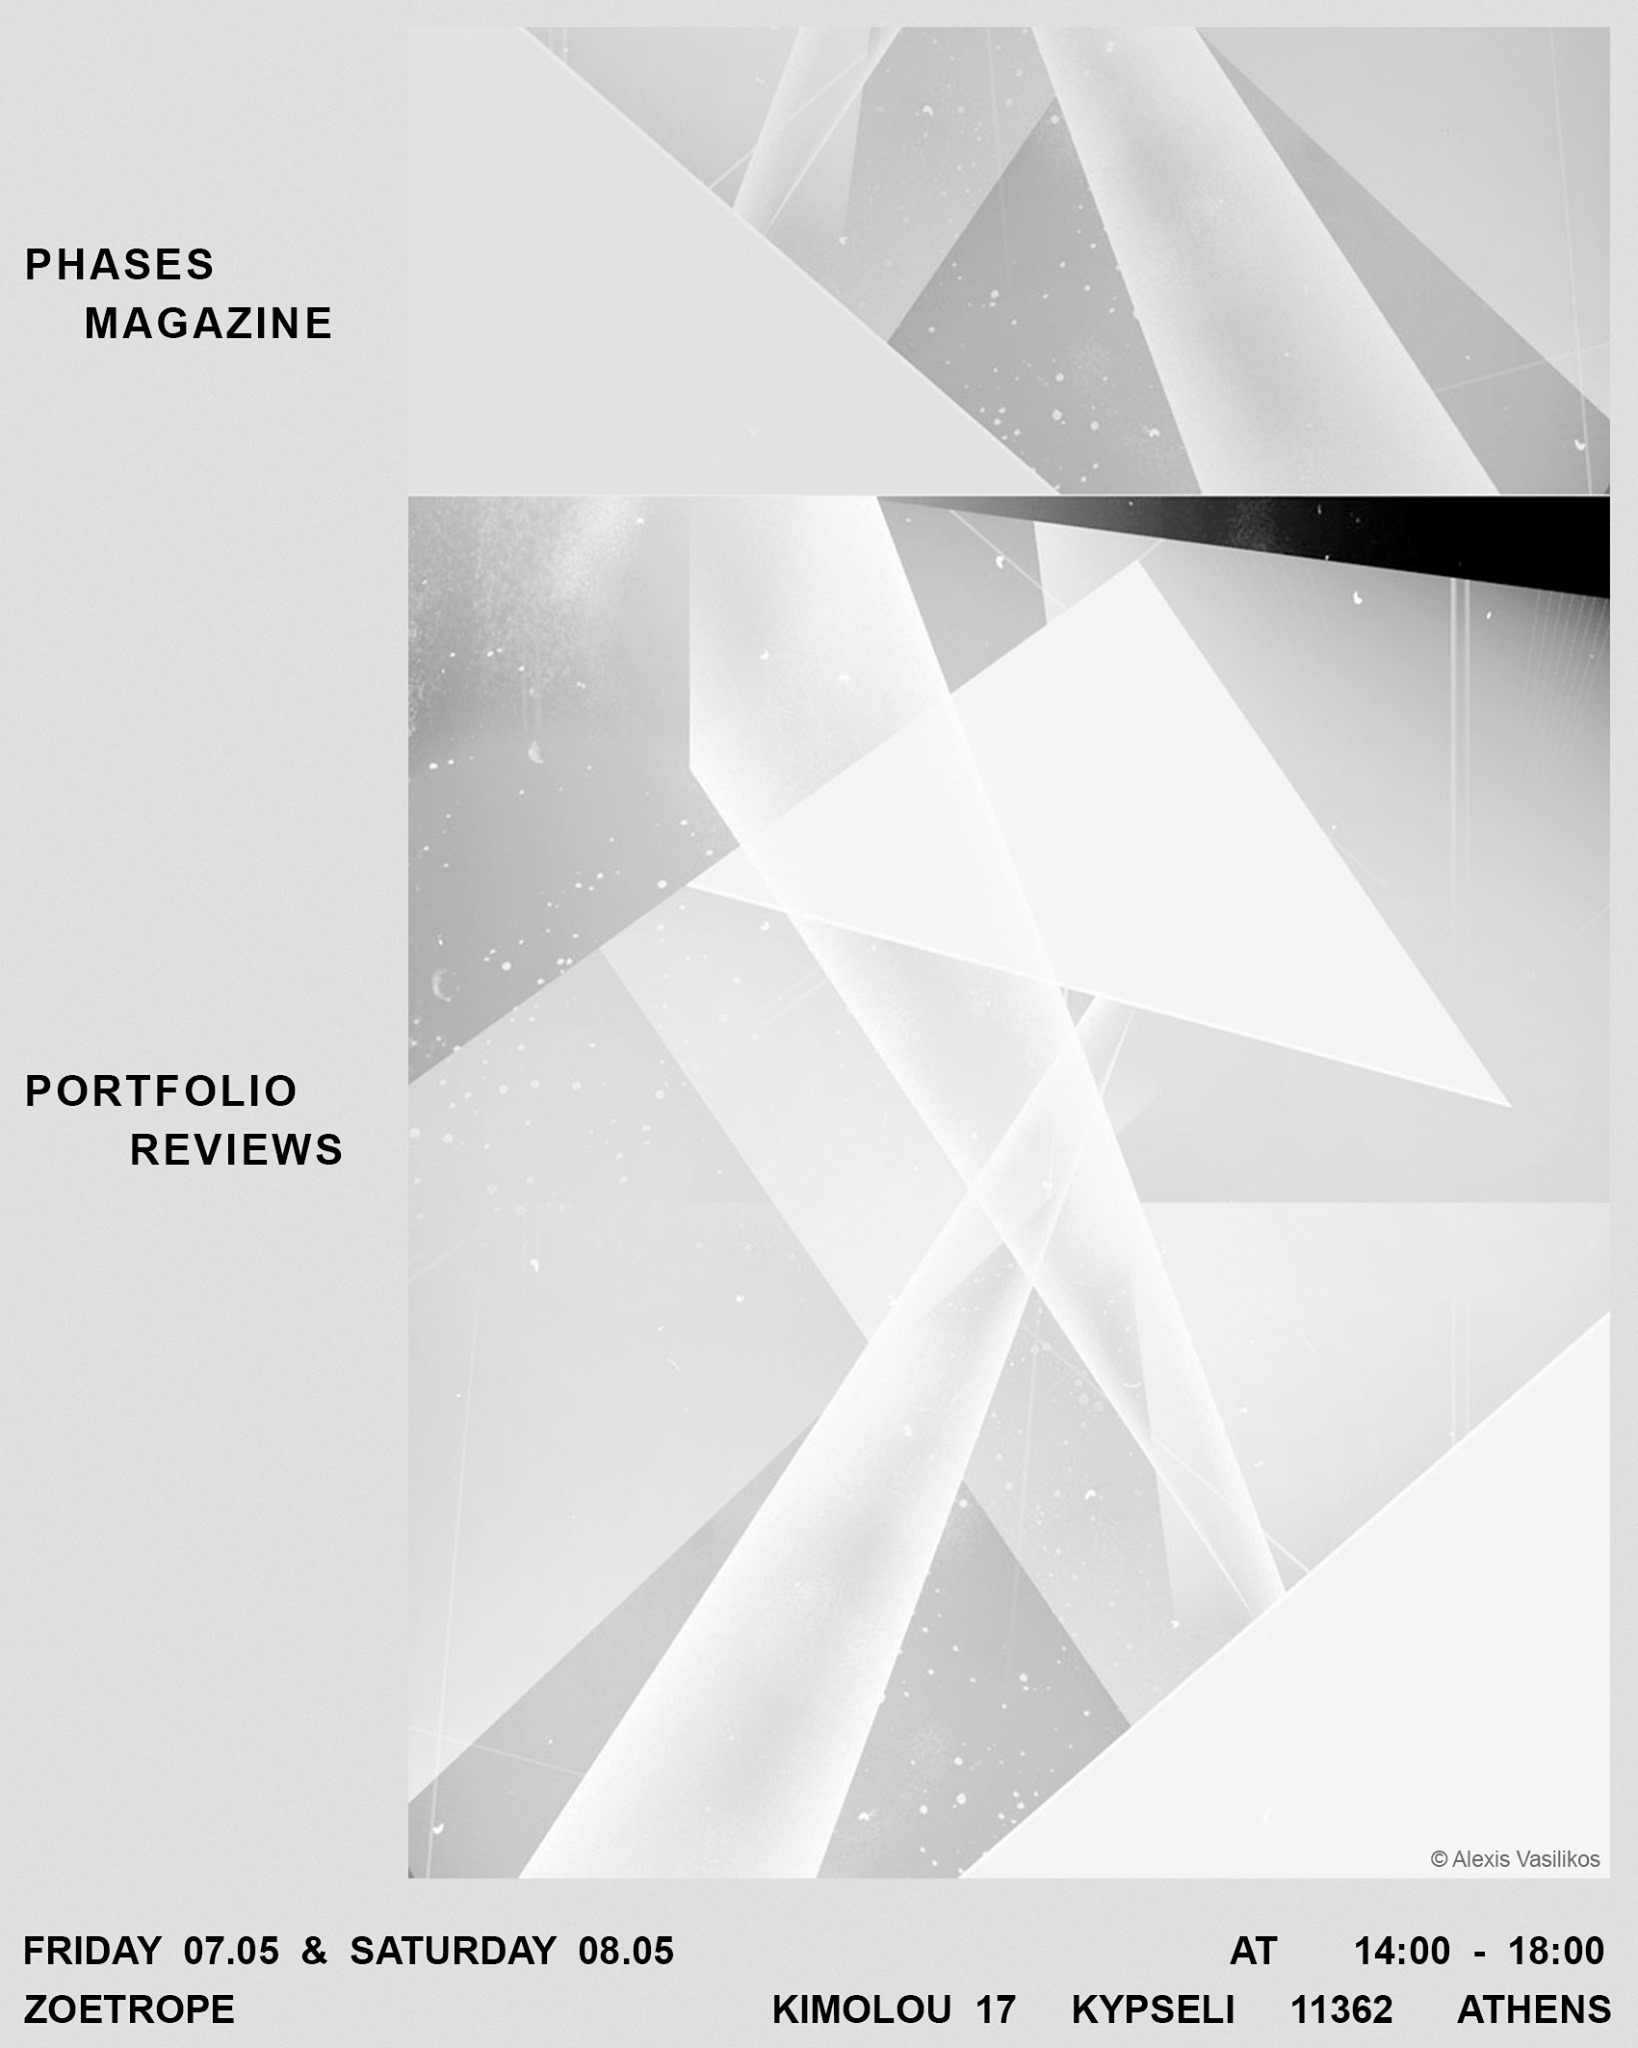 Zoetrope Athens- Phases Magazine